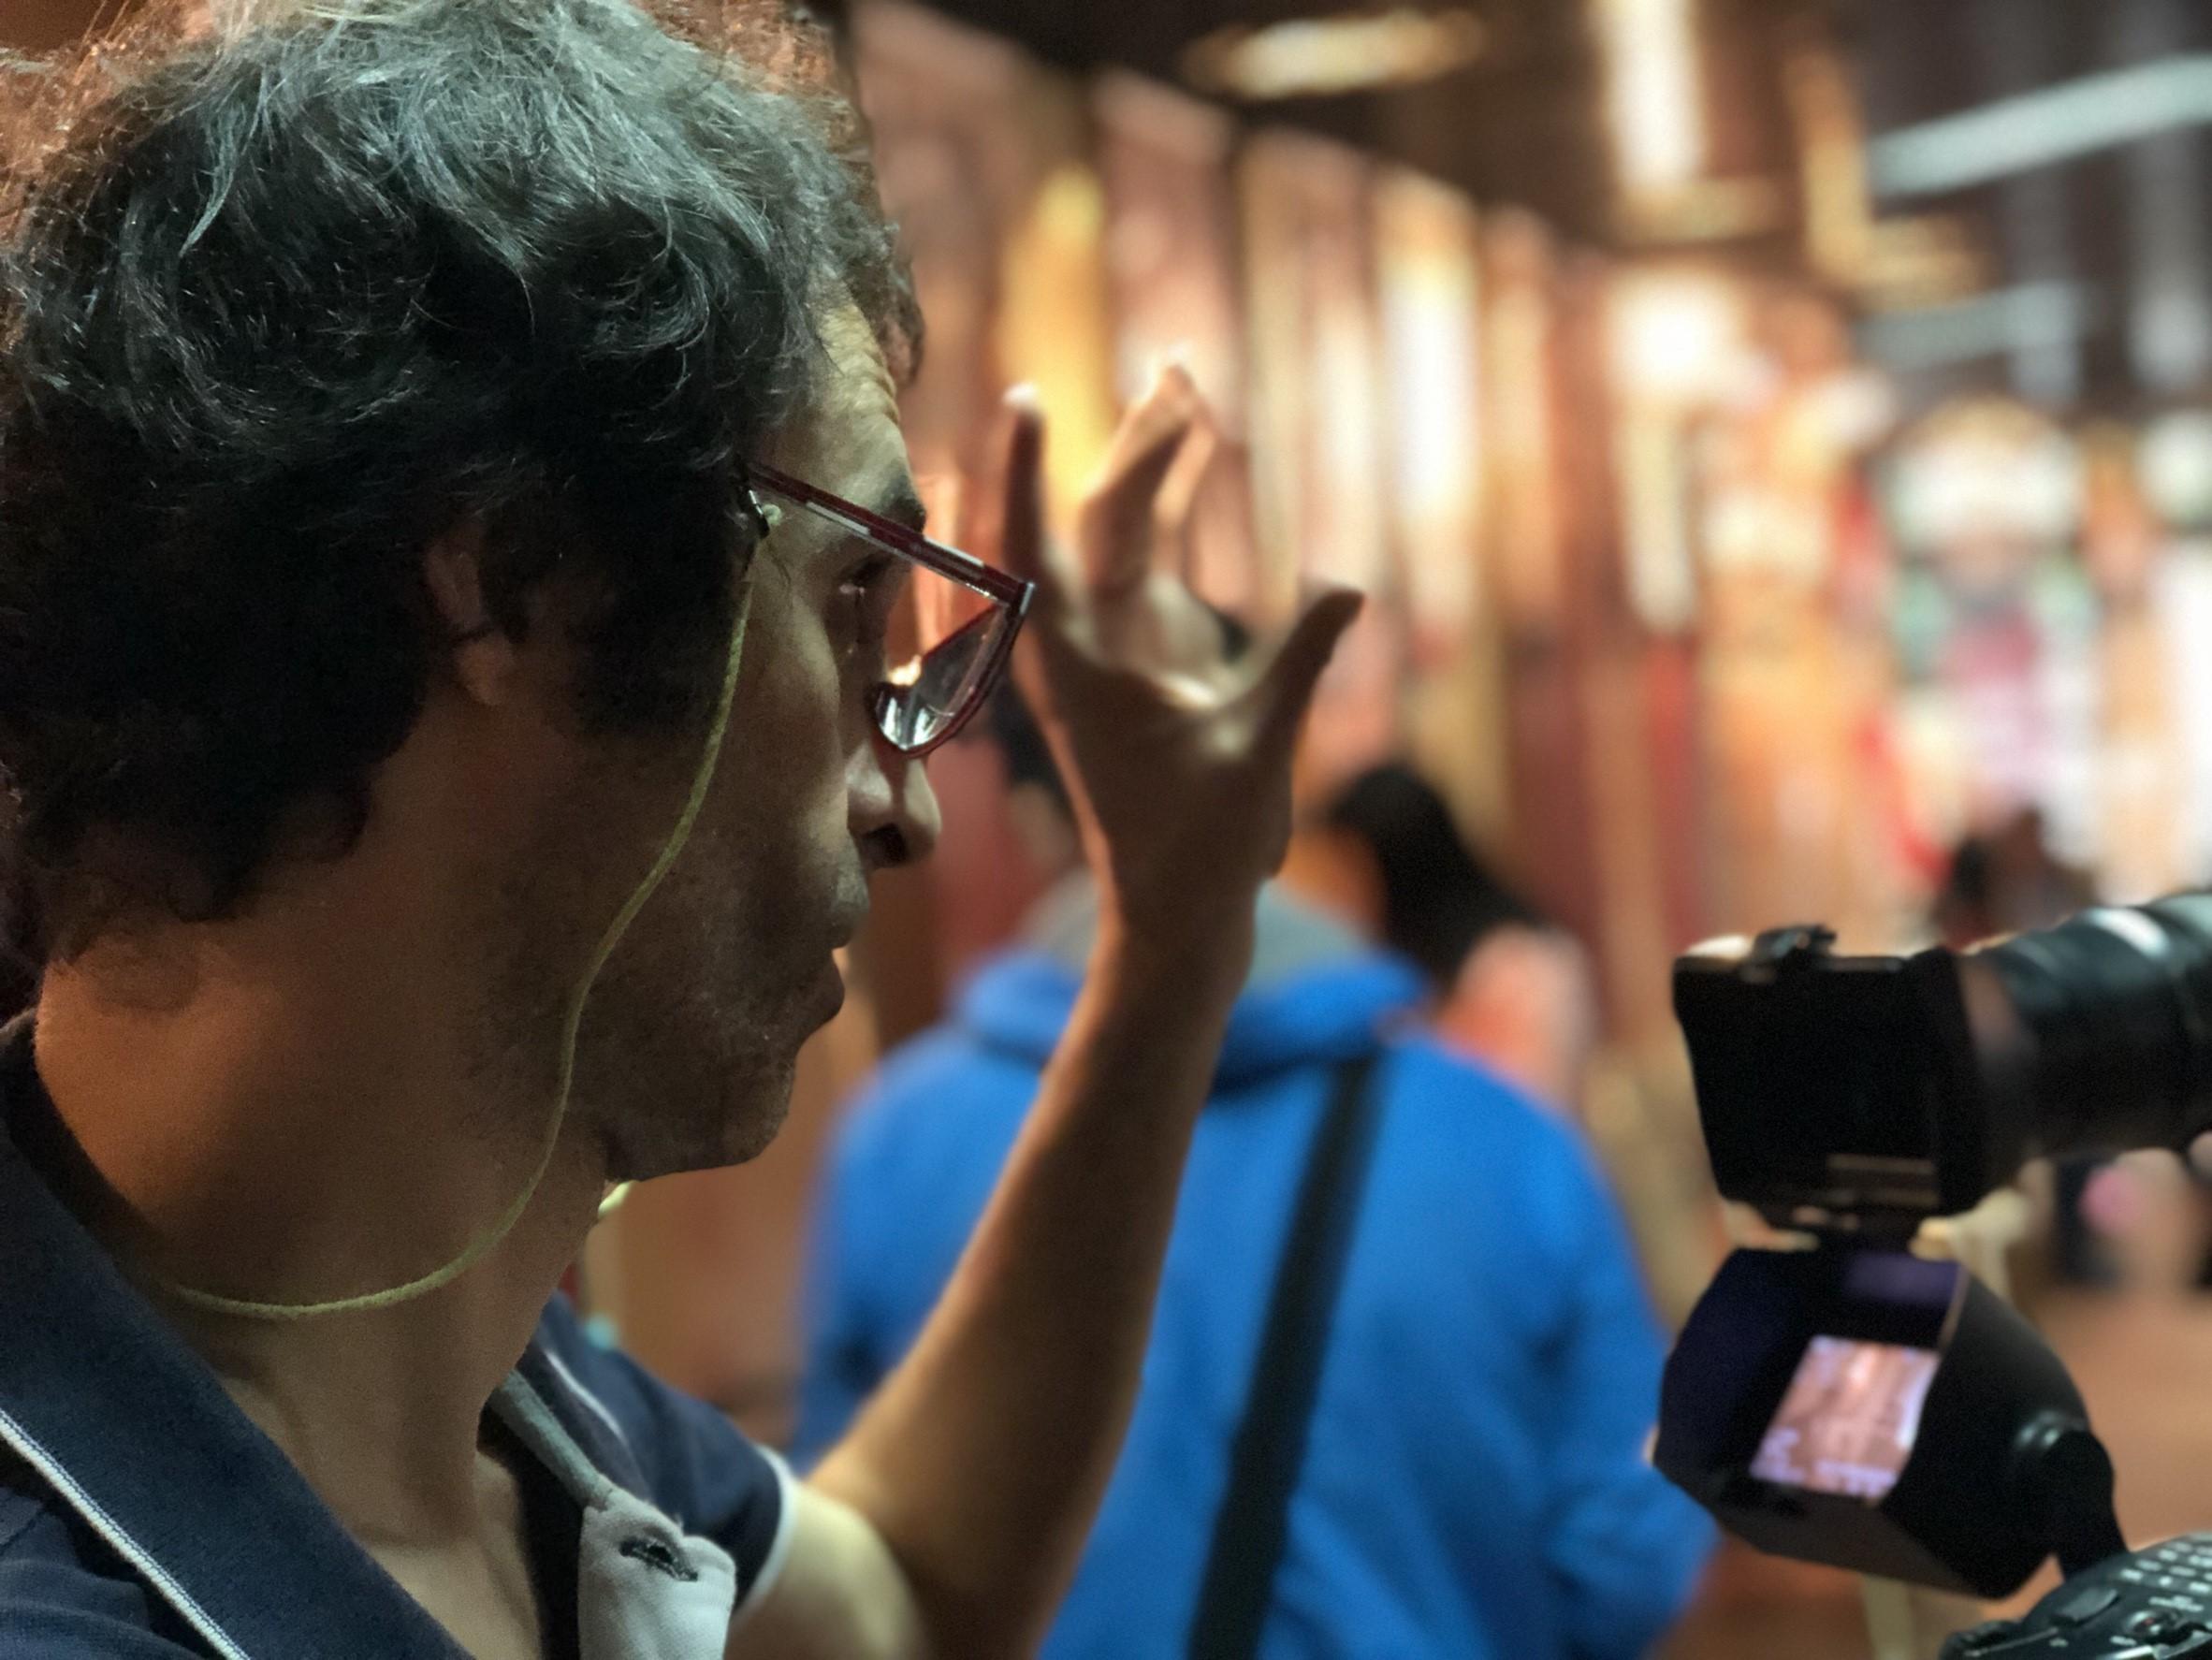 電影不只是一種娛樂產業,而是歷史的探討、現代社會的縮影